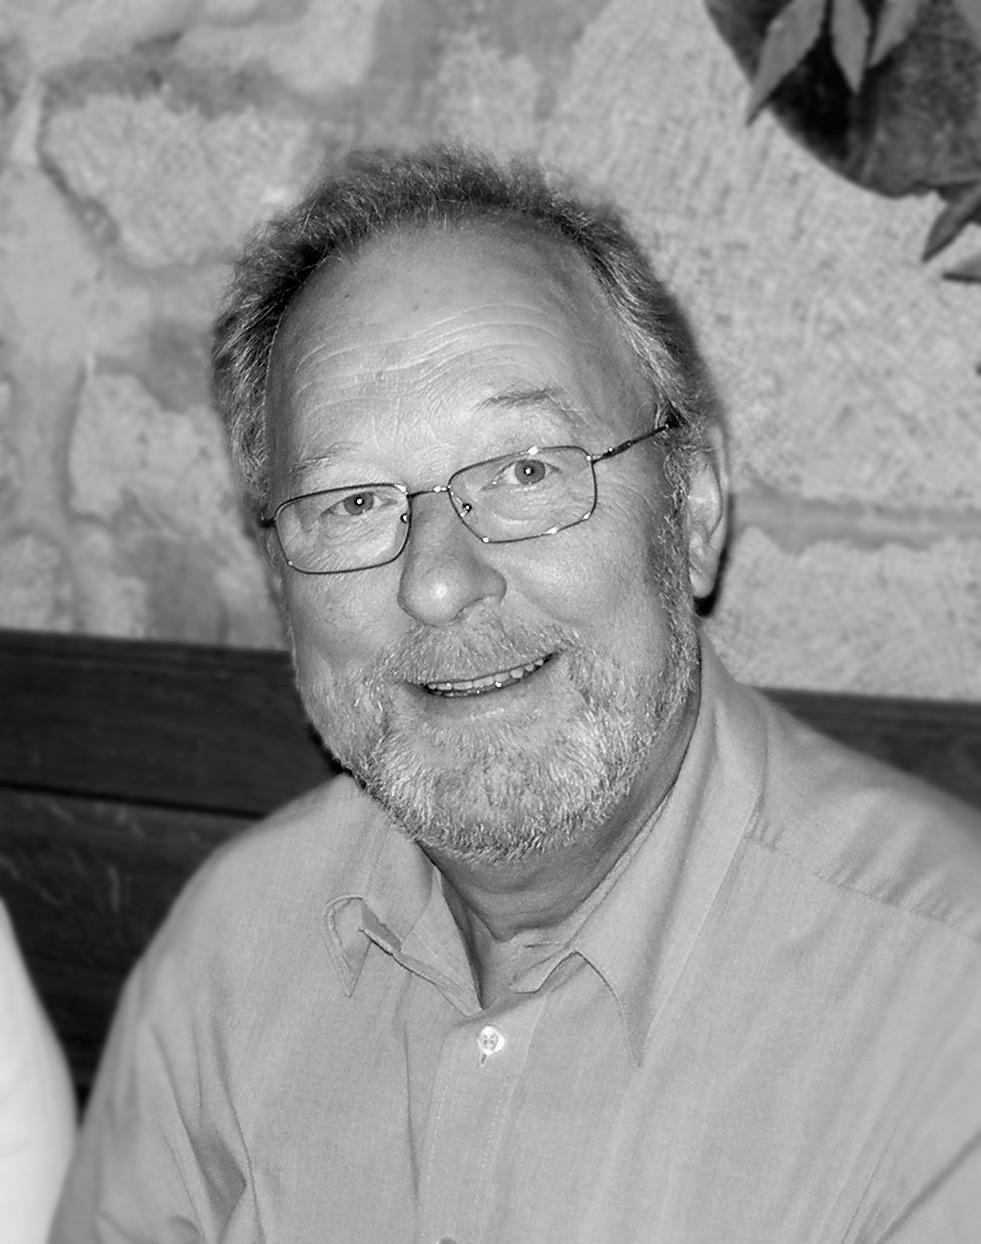 Jorn Sonderskov Christensen